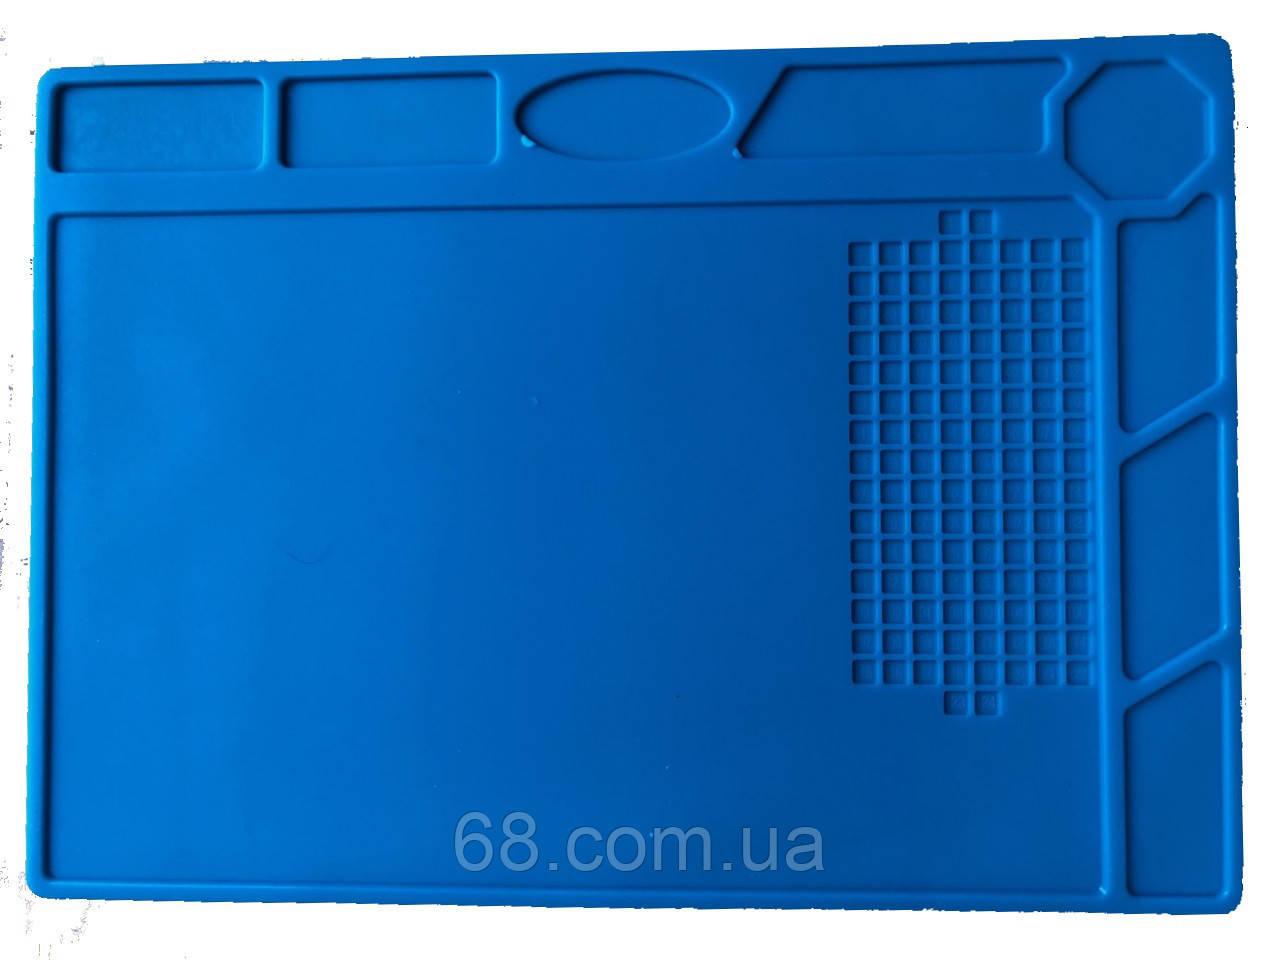 Силіконовий килимок 32х22 см для пайки мобільних телефонів Настільний Силіконовий килимок Мат Середній